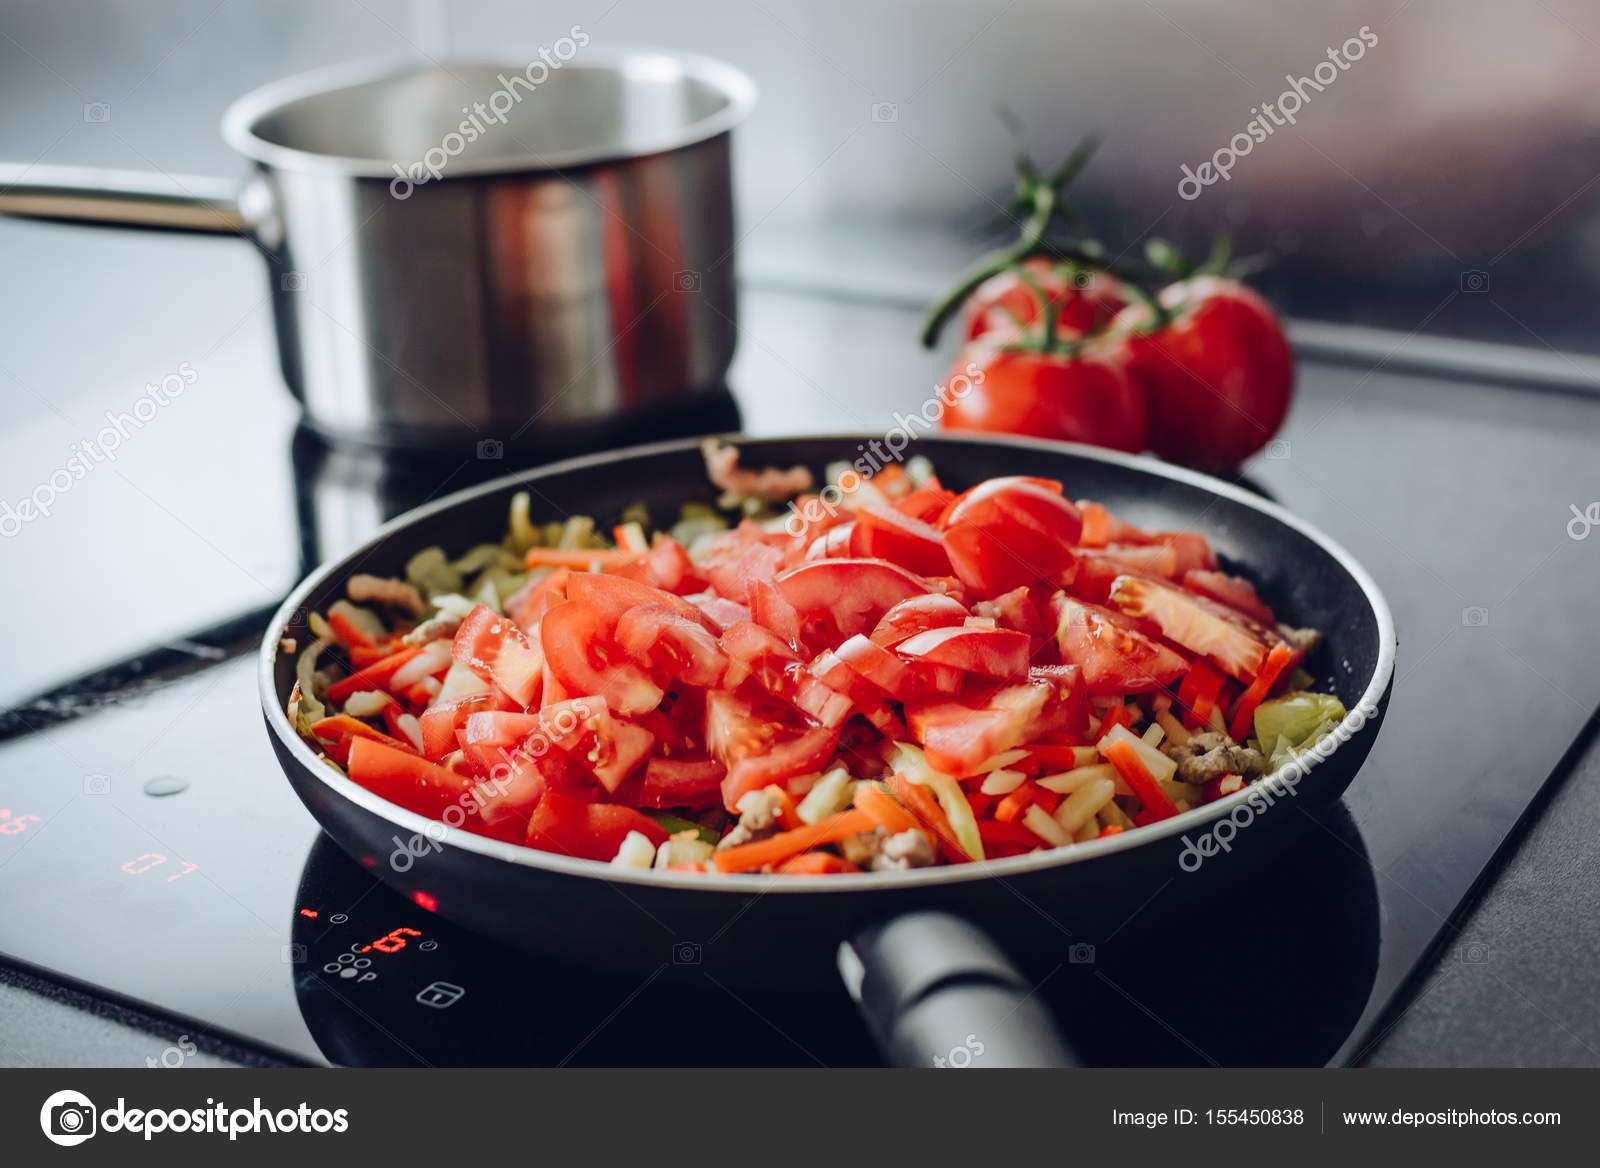 Bir tavada domuz eti kızartma lezzetli ve sulu: biftek, biftek ve shashlik şeklinde sulu domuz eti dilimleri yapmak i&#231